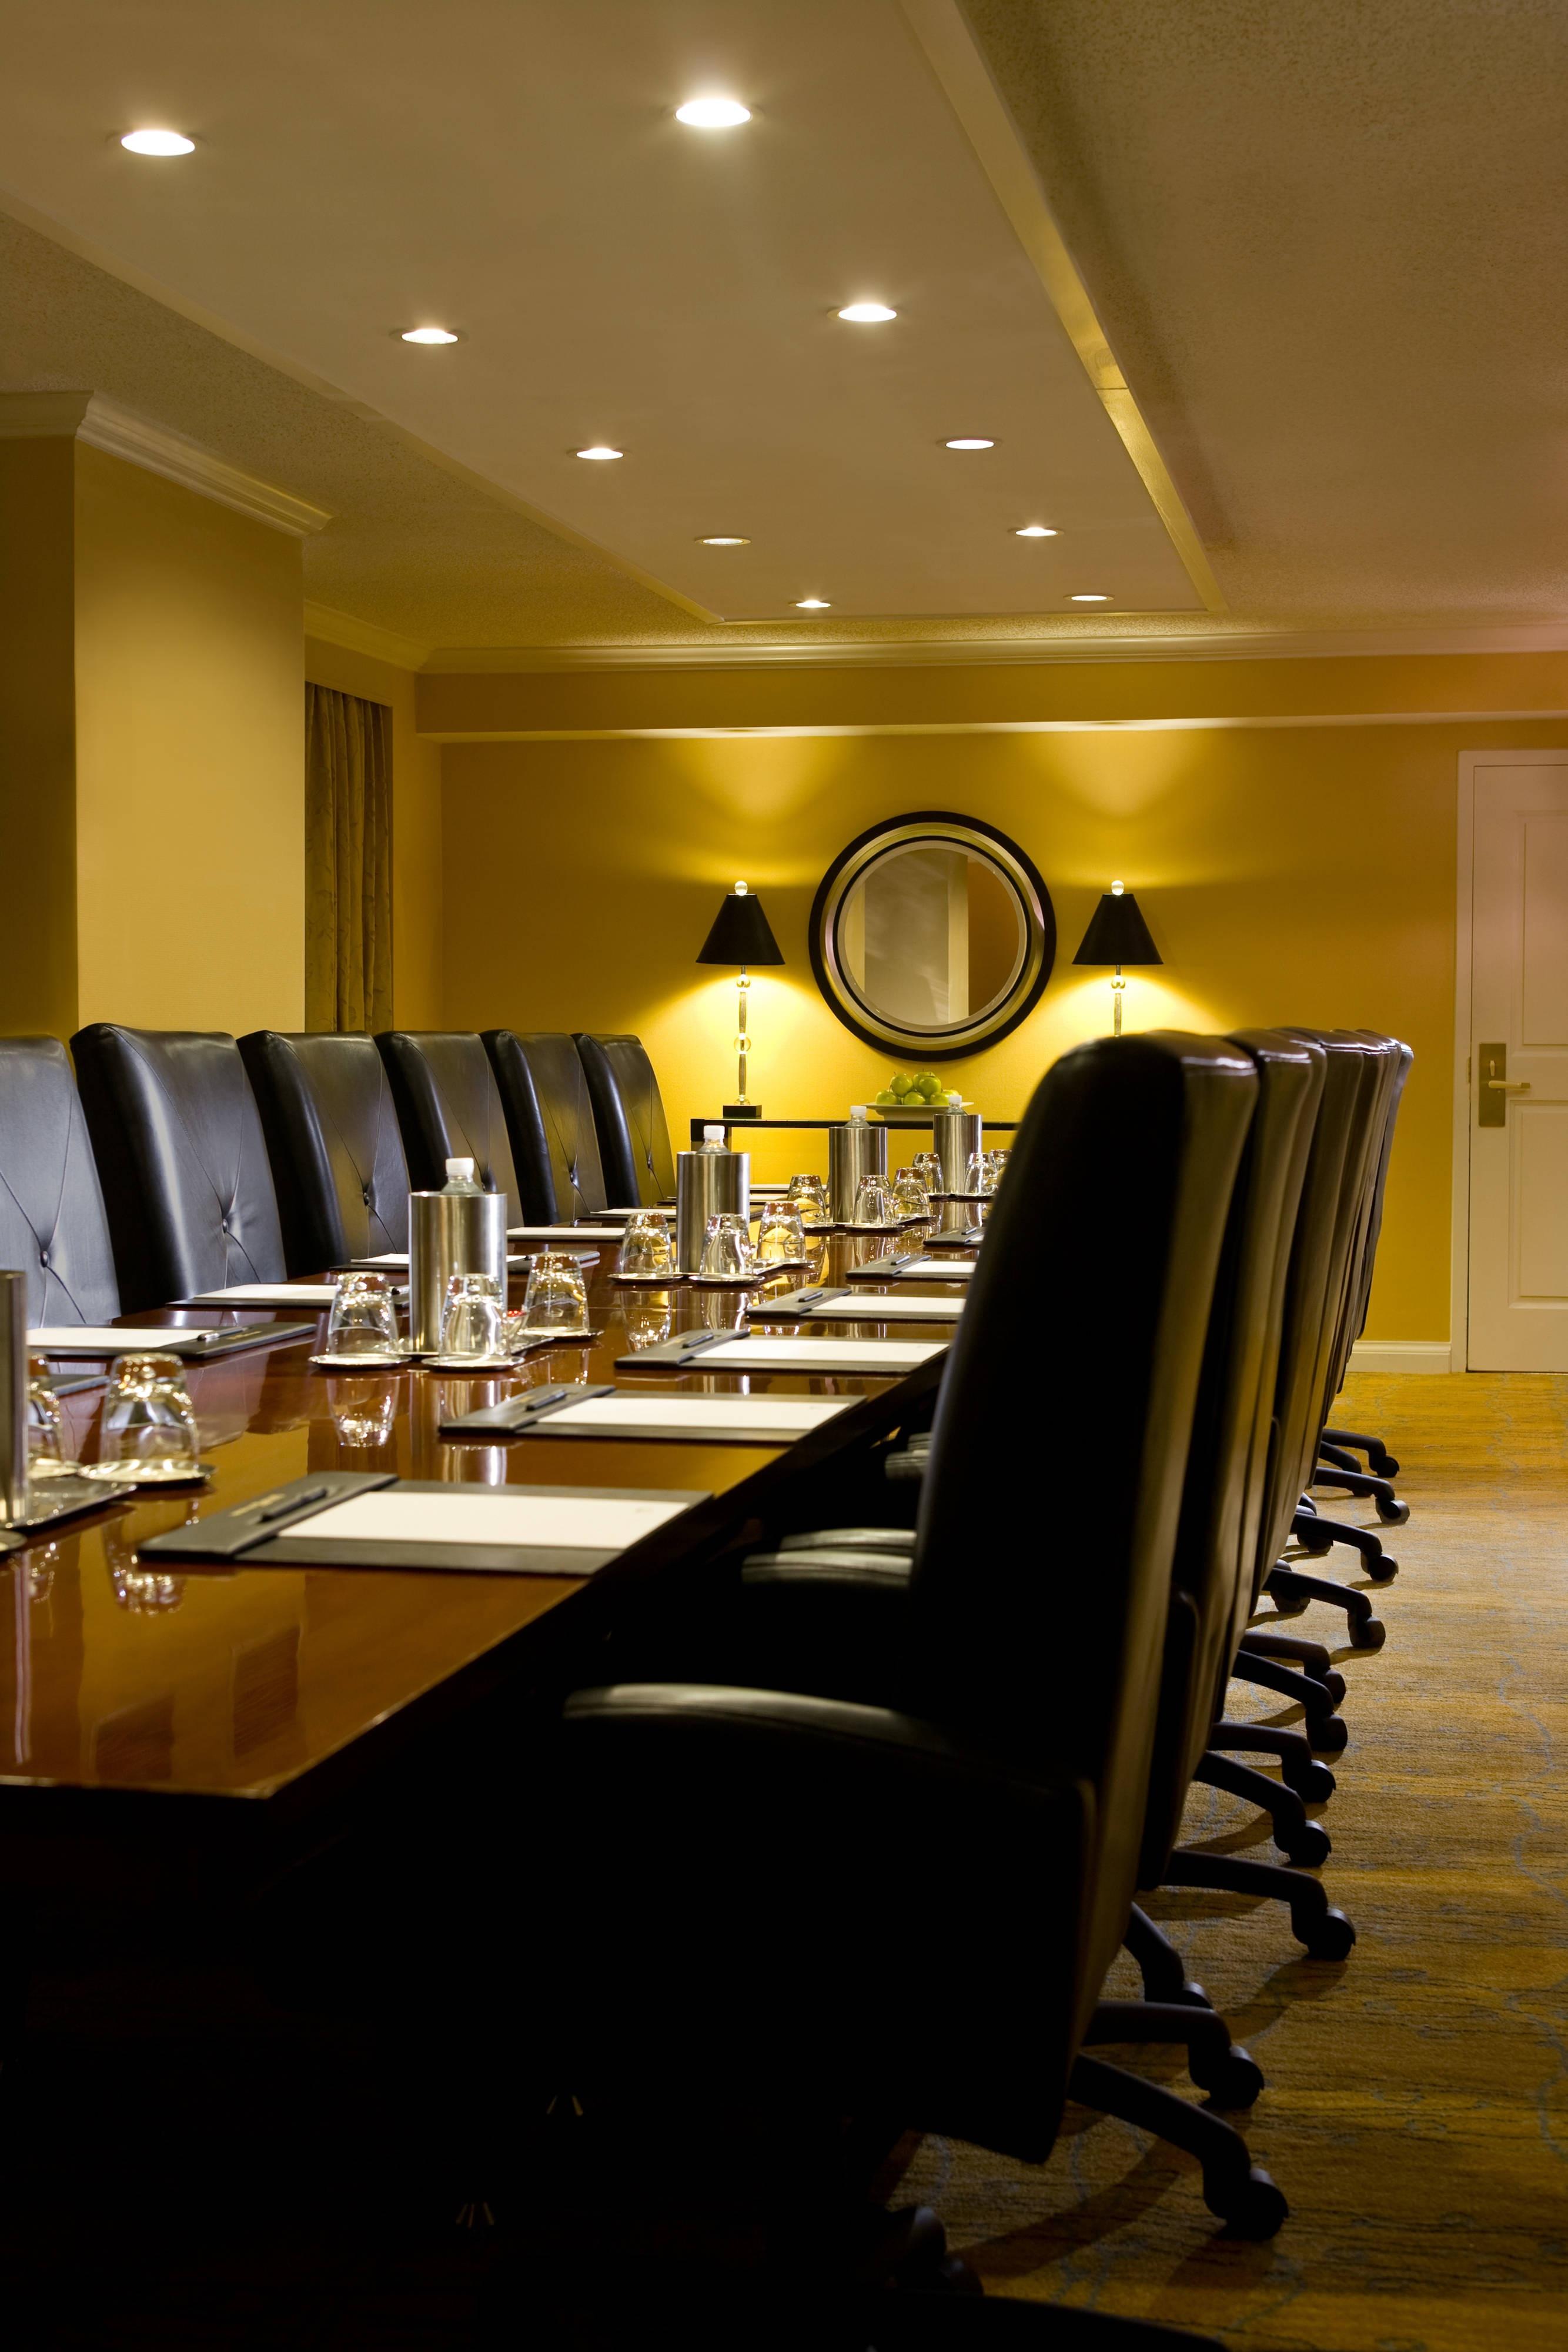 Northern Virginia hotel boardroom